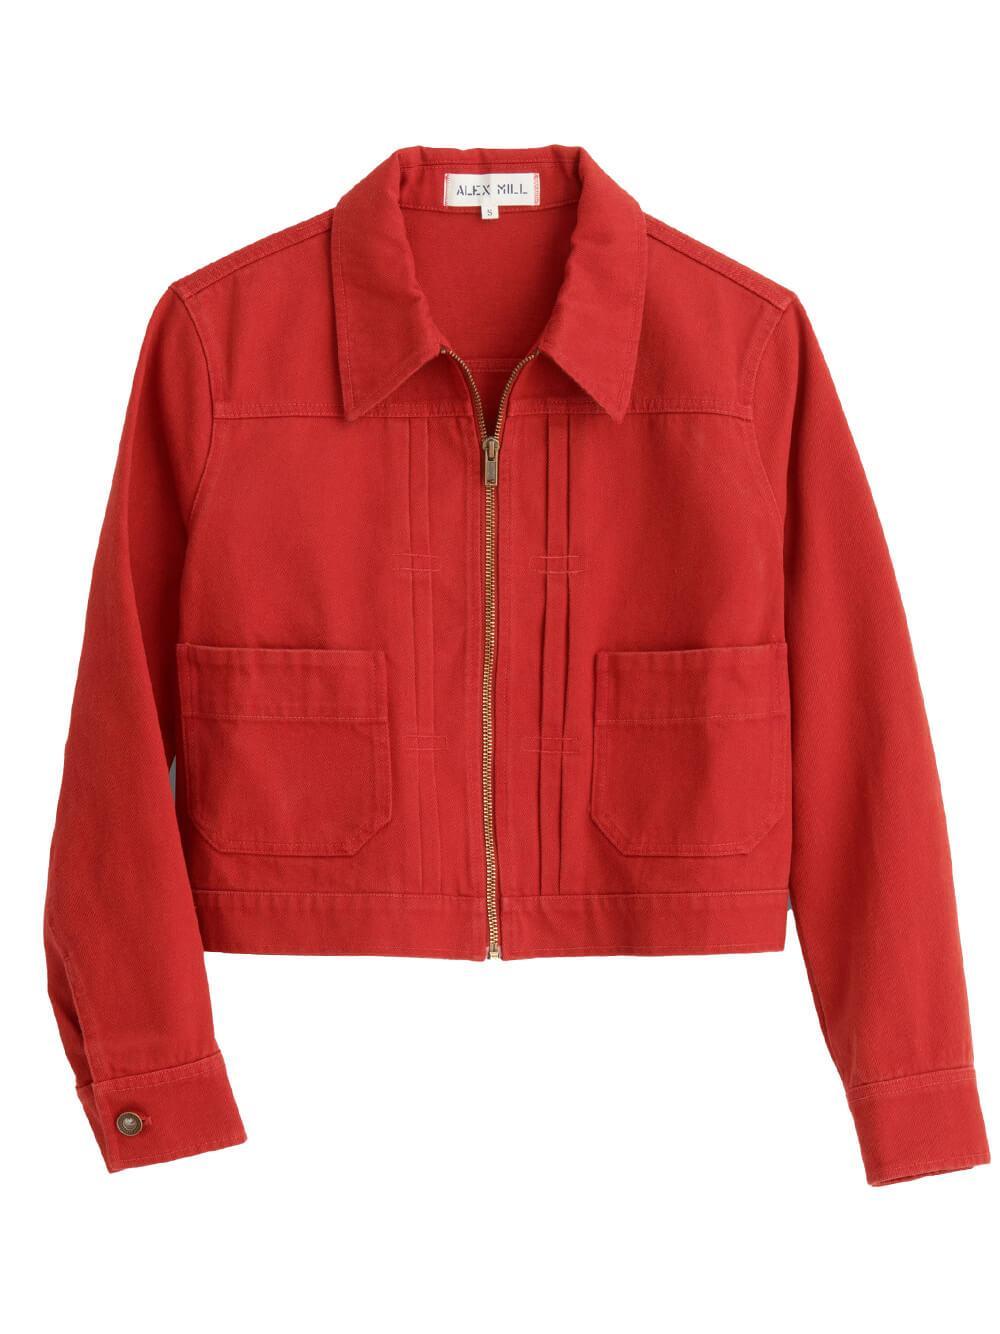 Shrunken Recycled Denim Jacket Item # 216-WJ036-2804